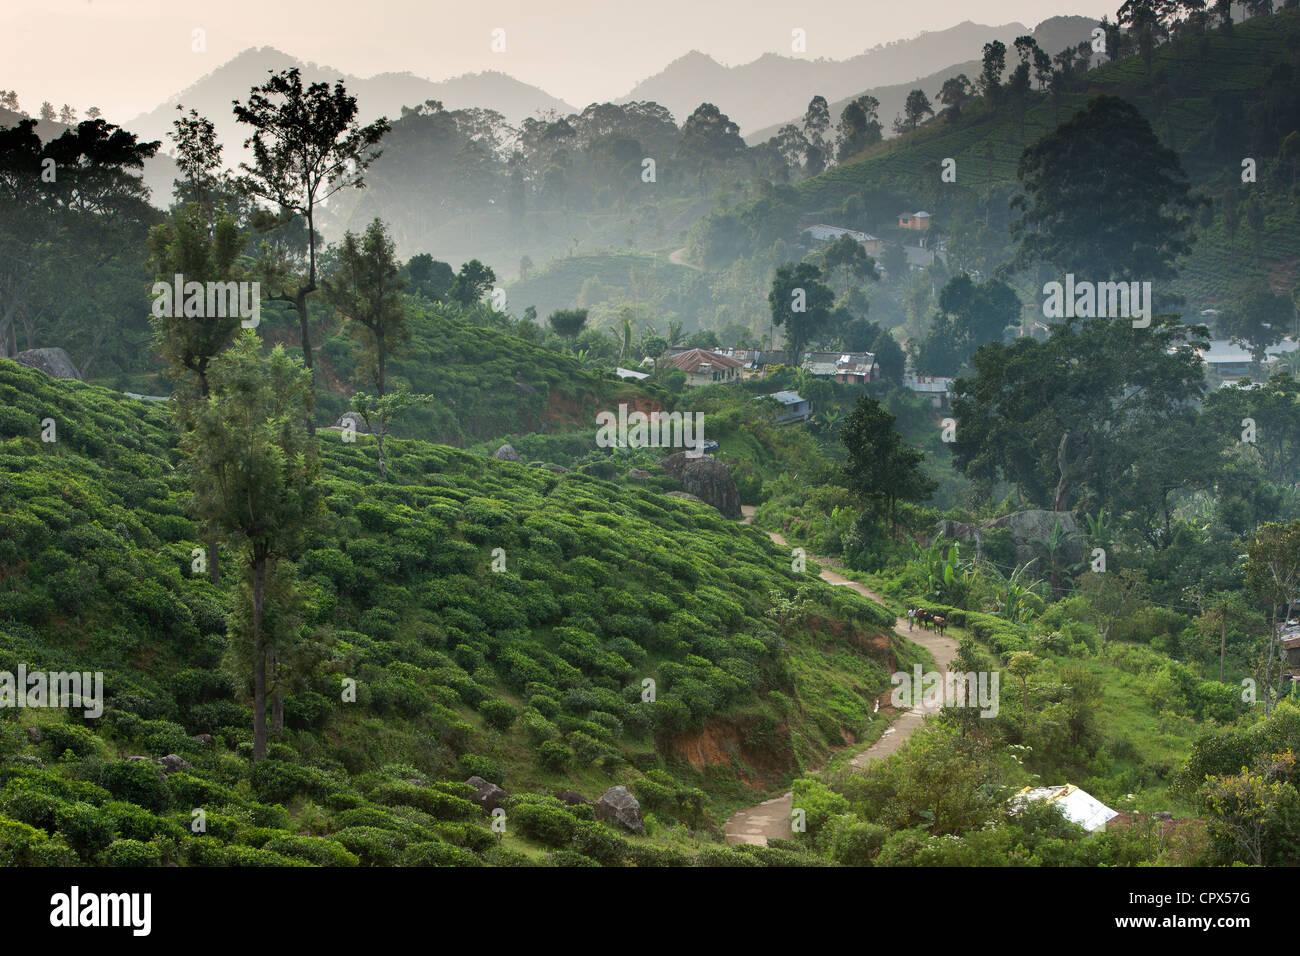 village of Namunukalu surrounded by a tea plantation, nr Ella, Southern Highlands, Sri Lanka - Stock Image